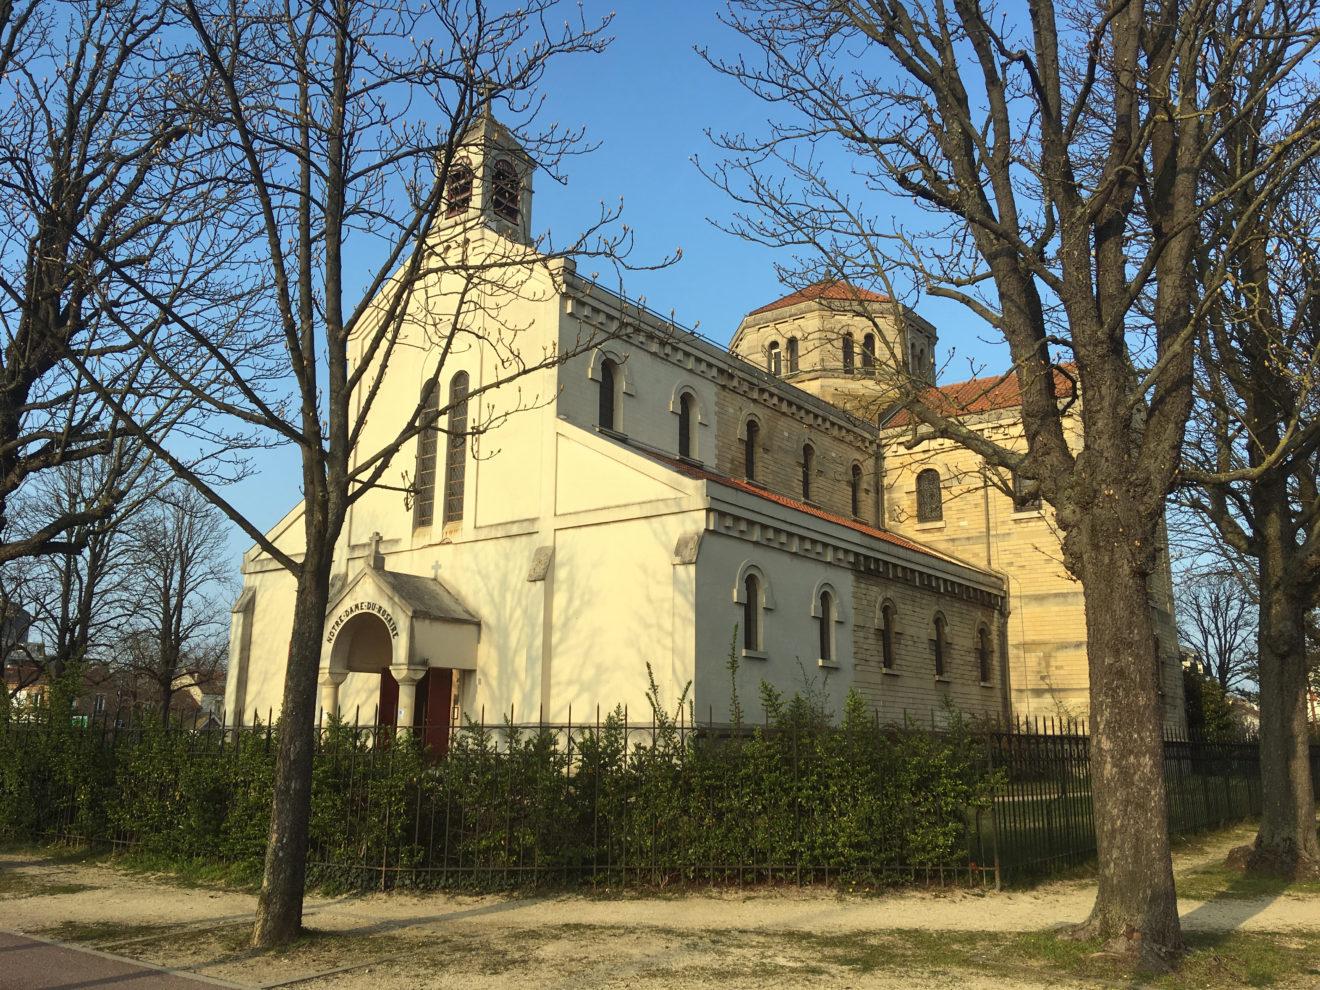 Eglise-Printemps